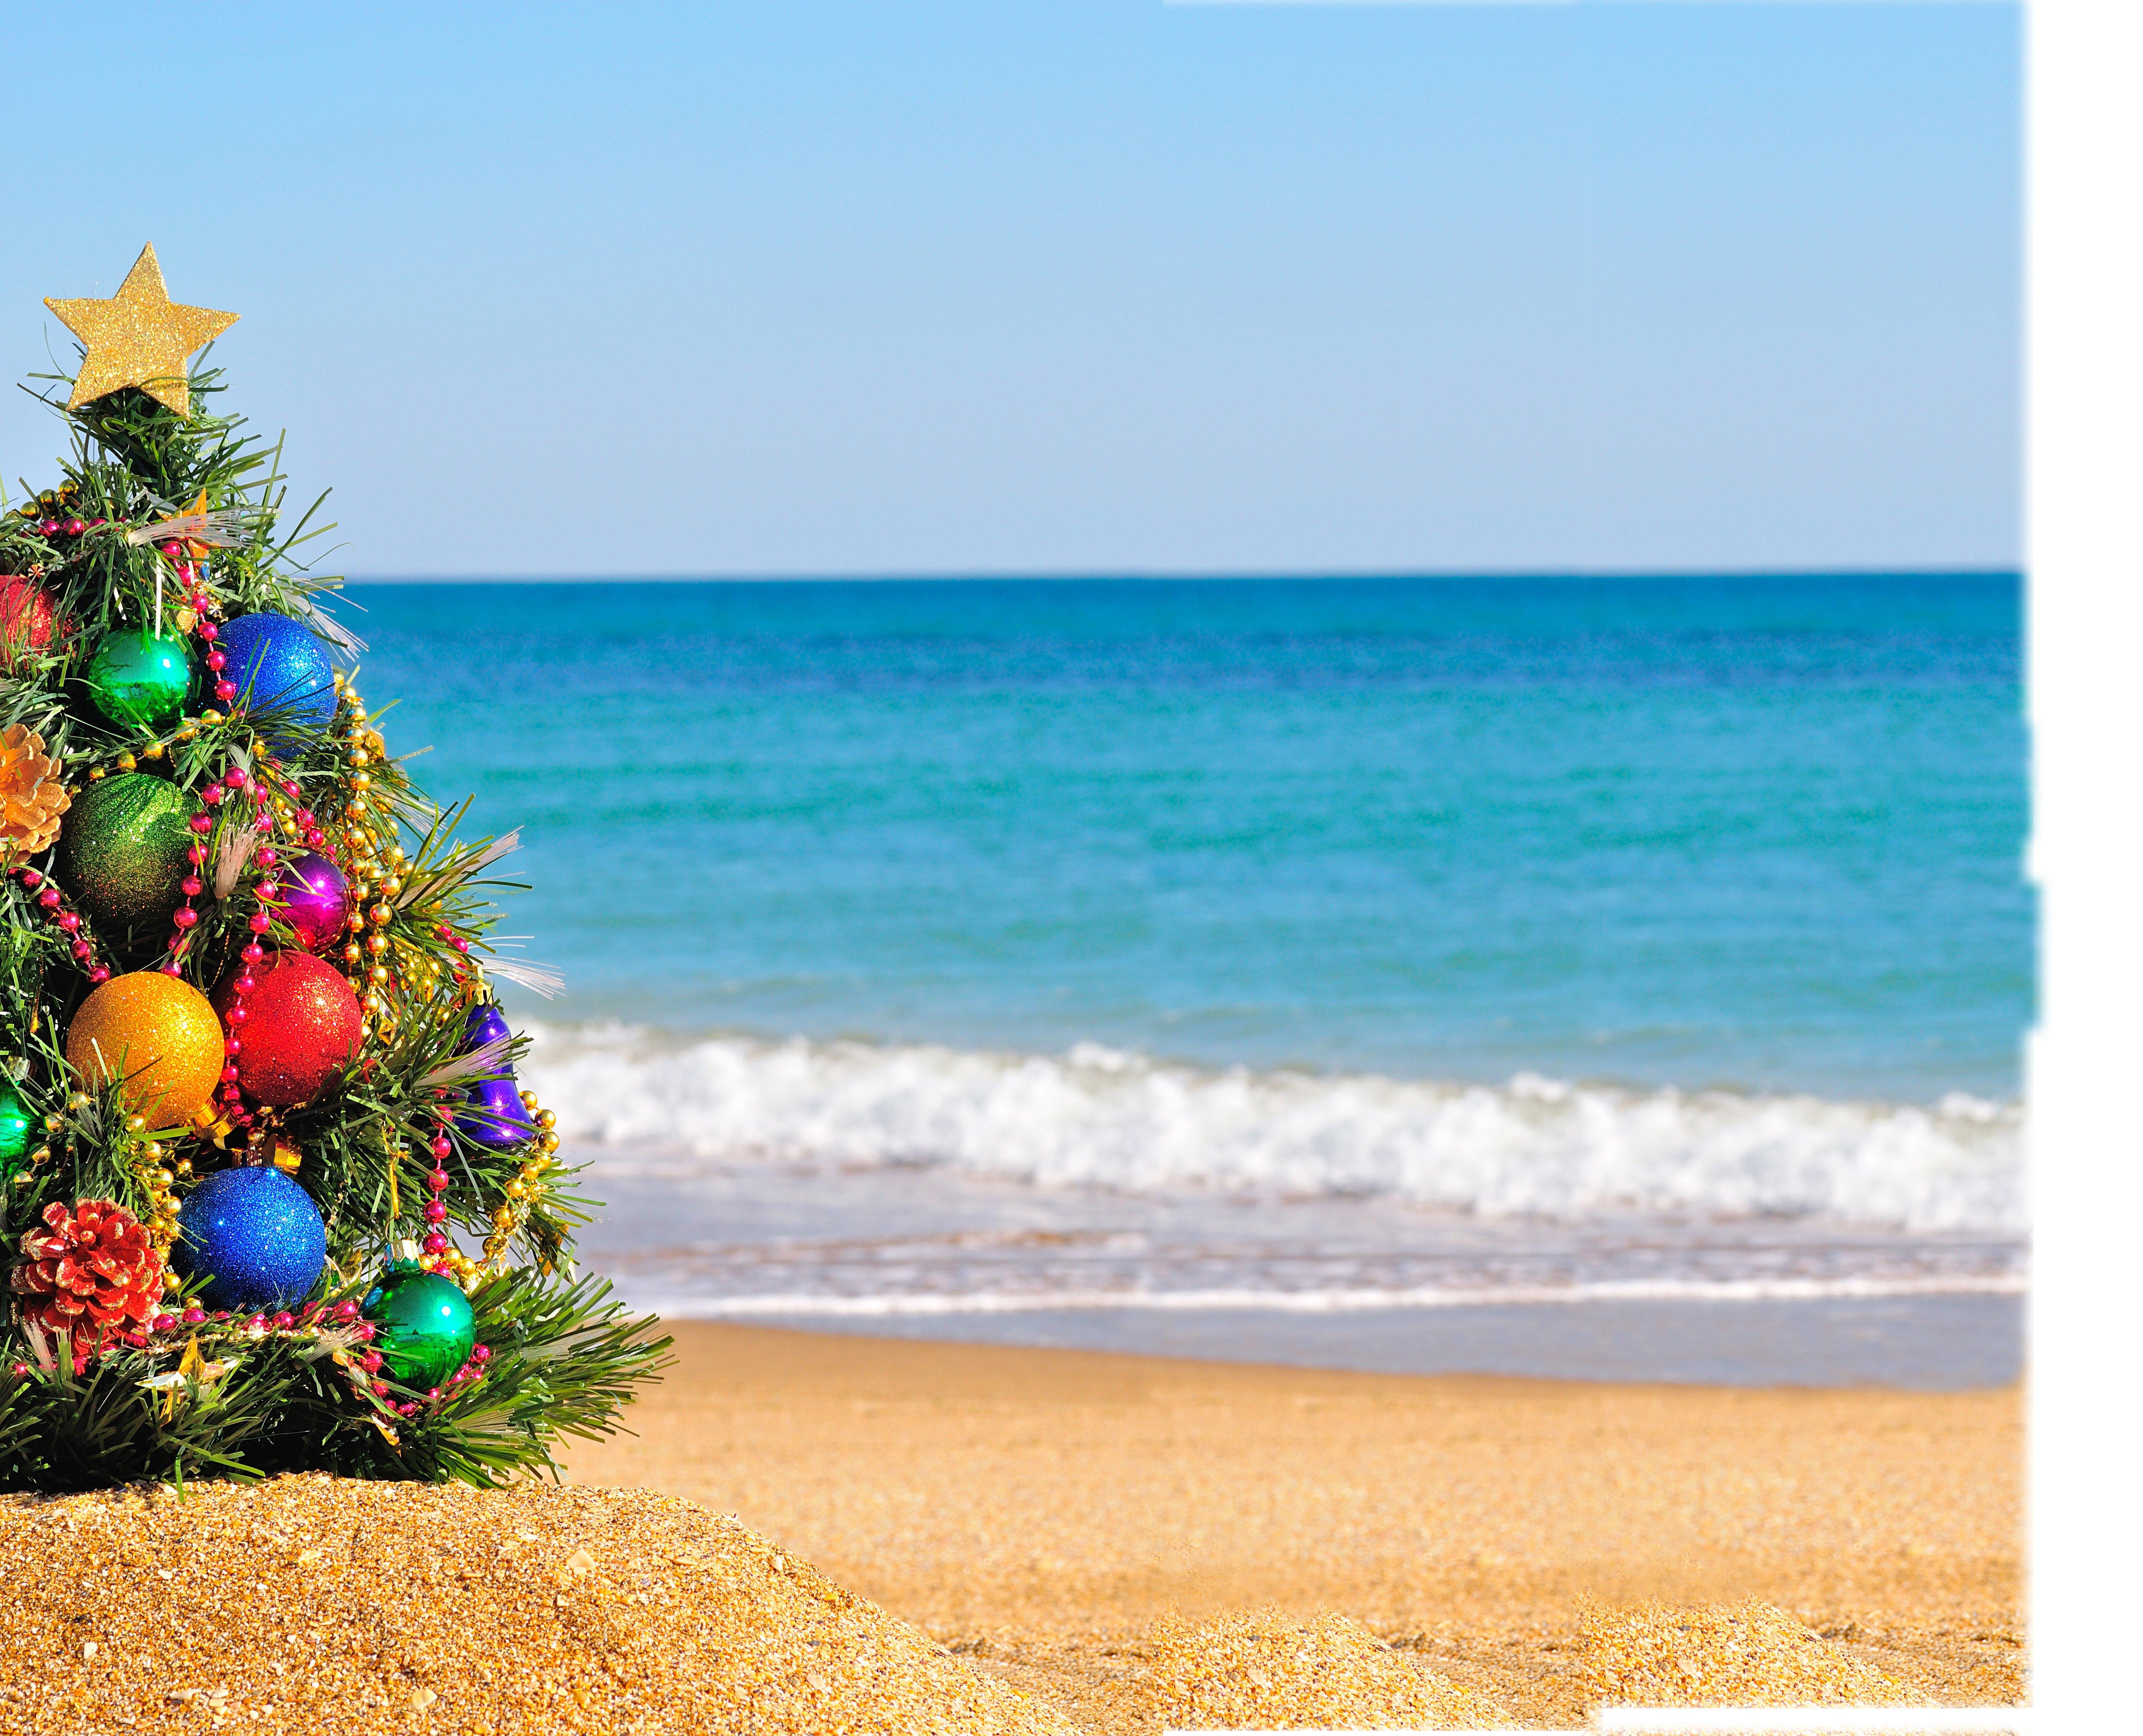 christmas tree on beach 120790171 - Beach Christmas Tree